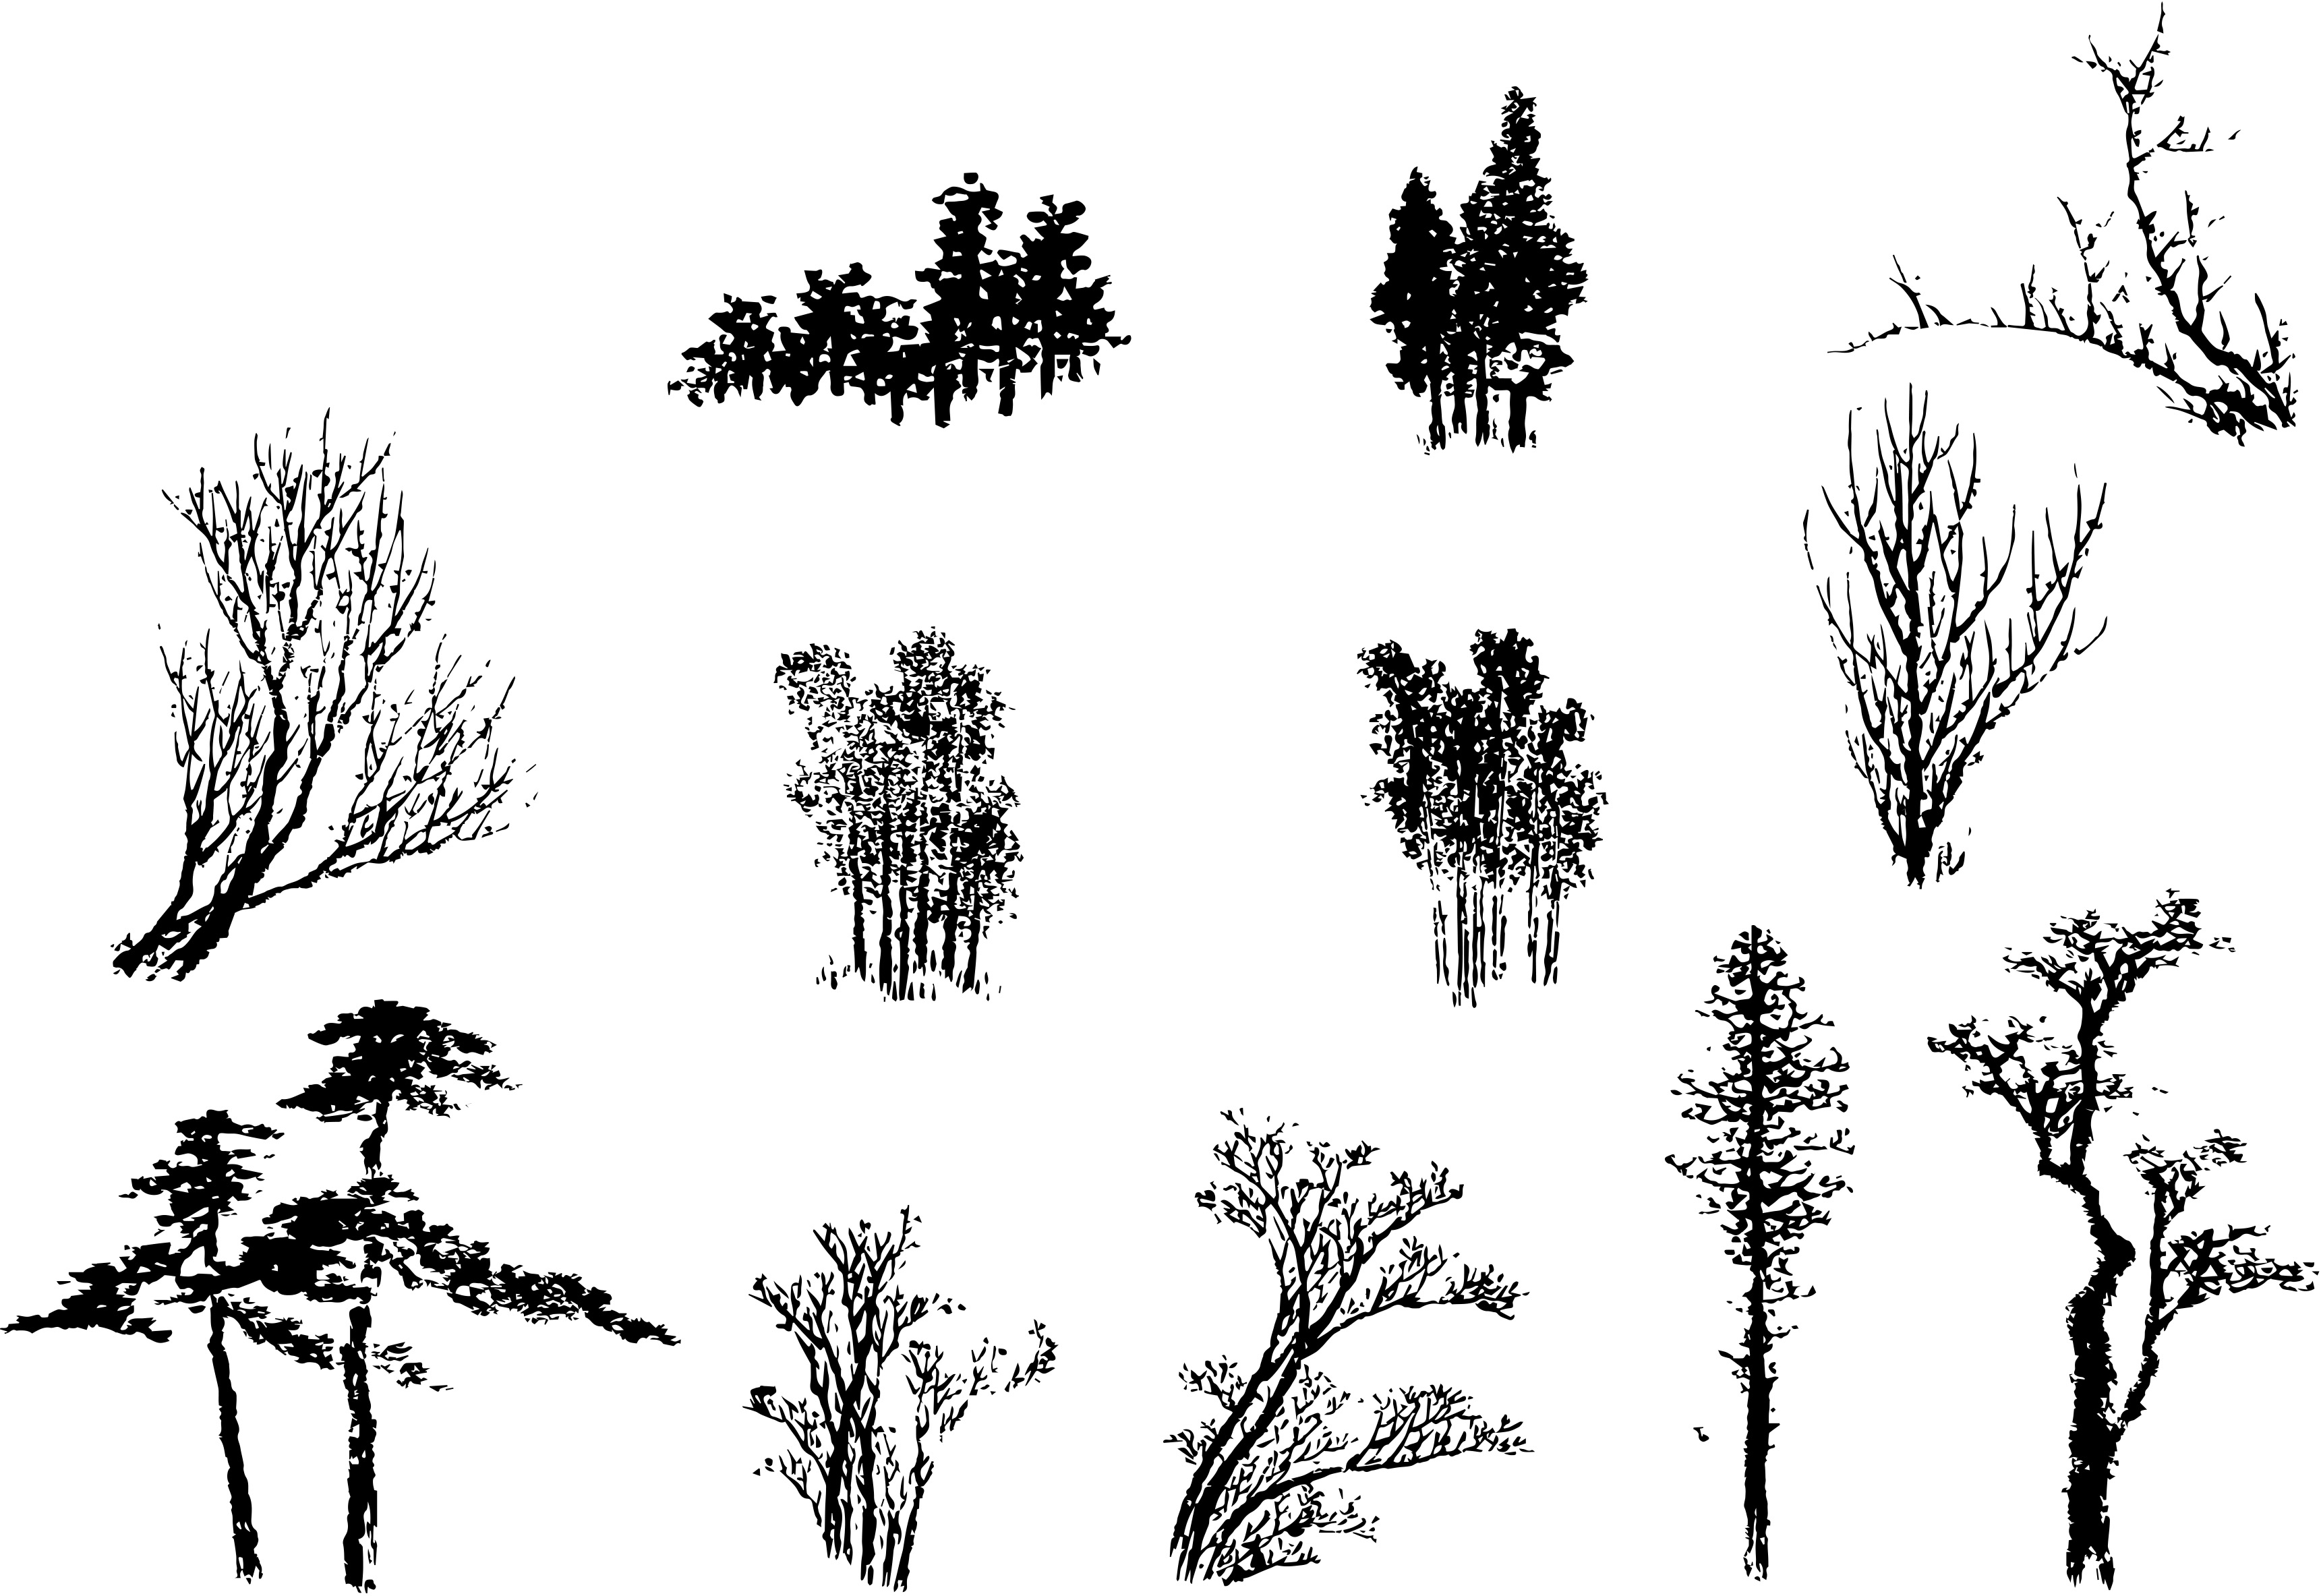 Arbres et branches tirés d'estampes d'Hokusai